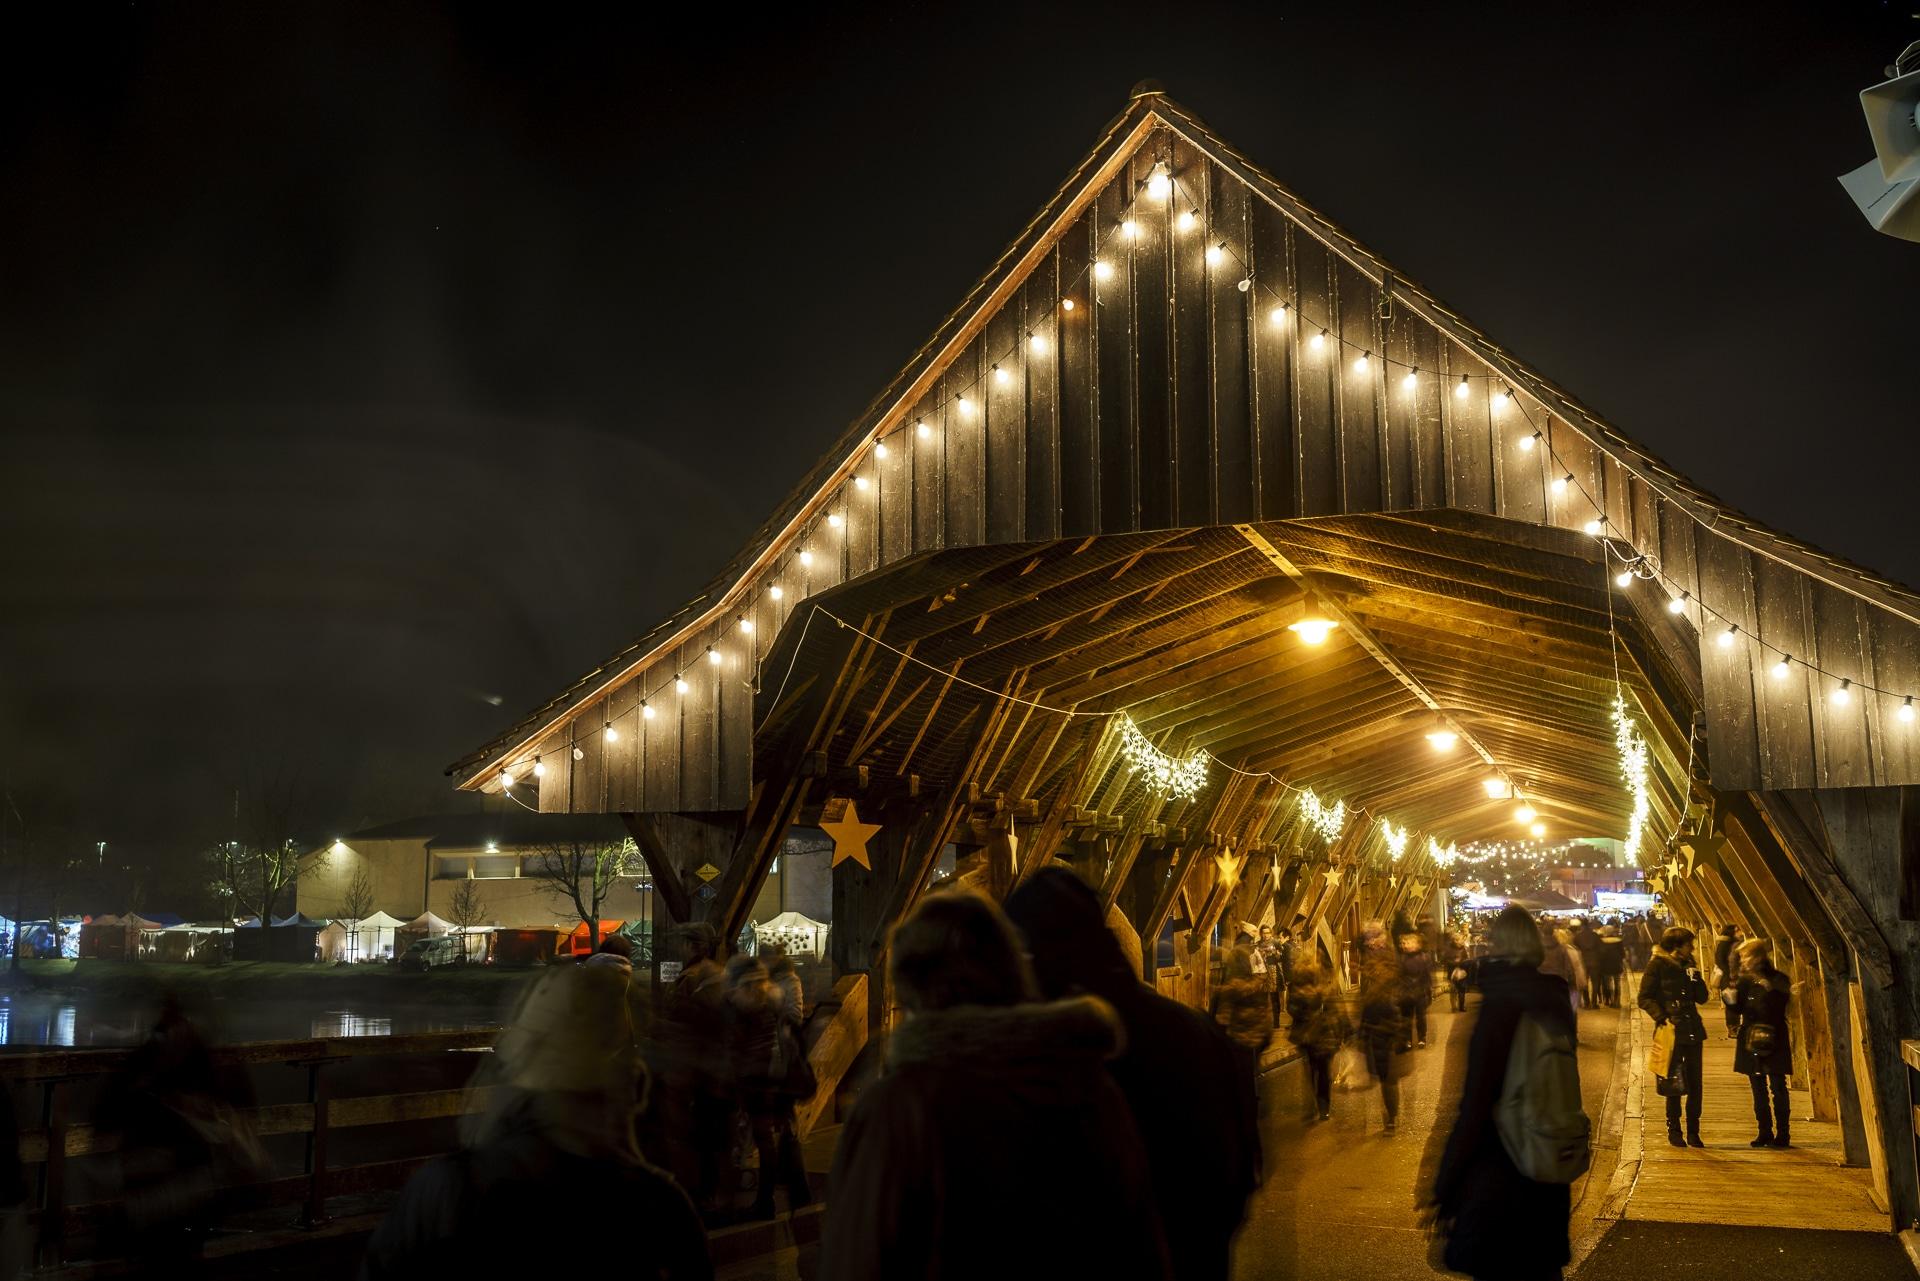 reussbruecke-bremgarten-weihnachtsmarkt